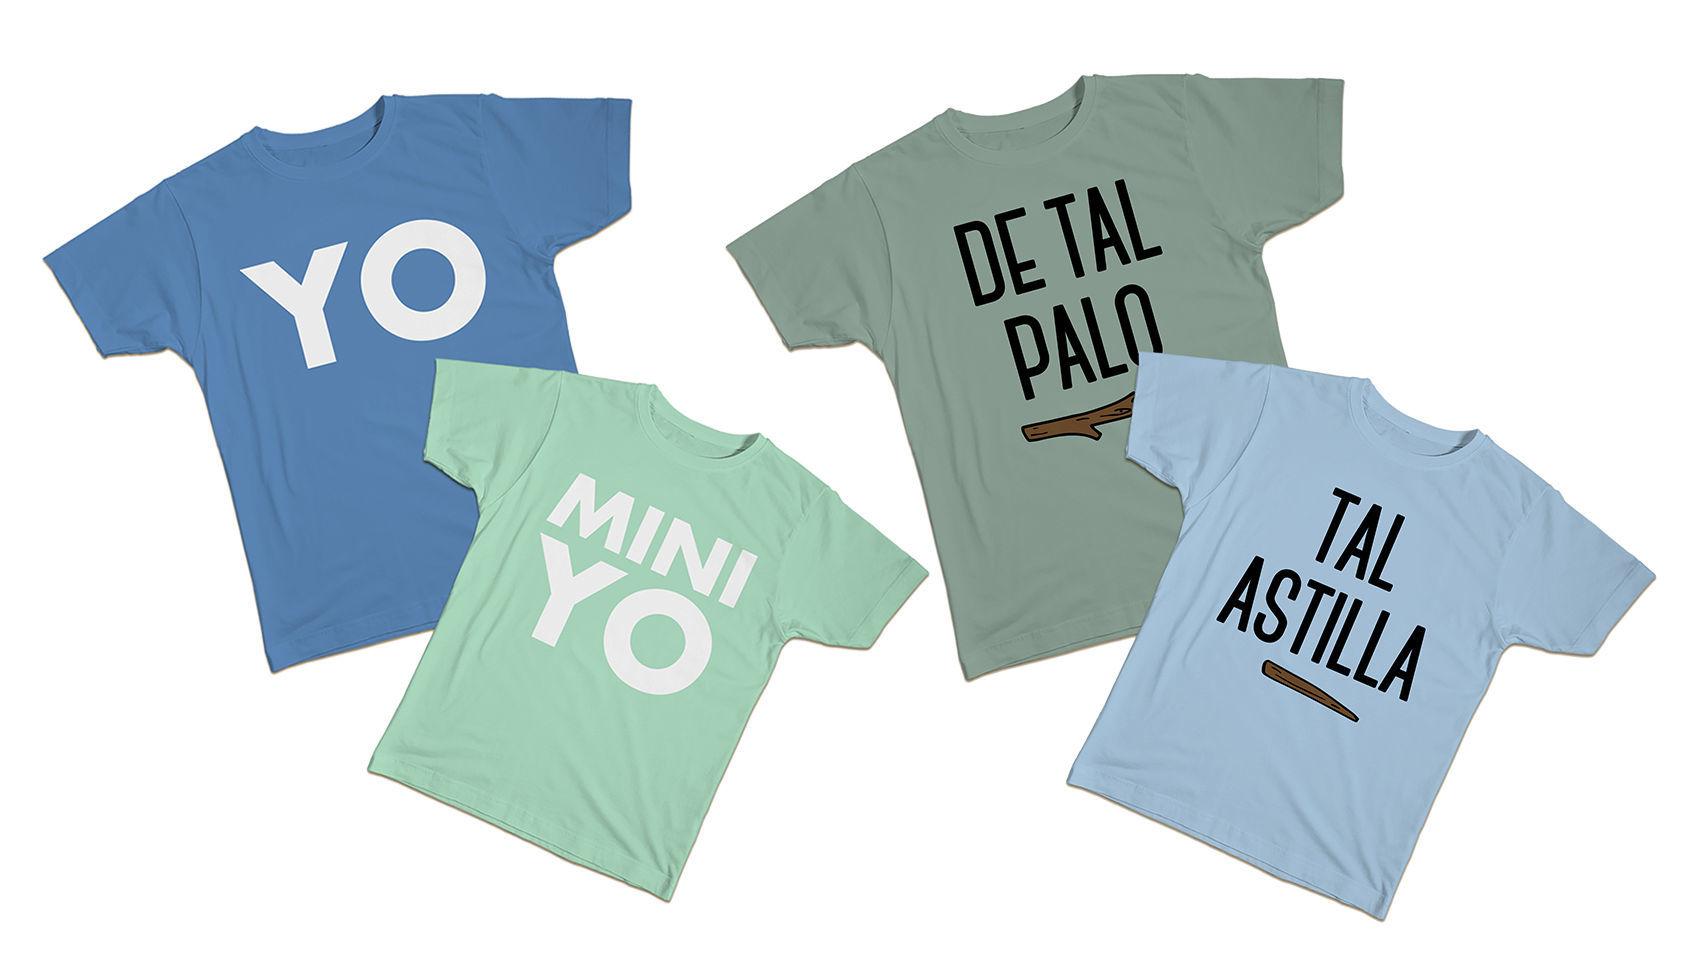 Camisetas Dezuu.